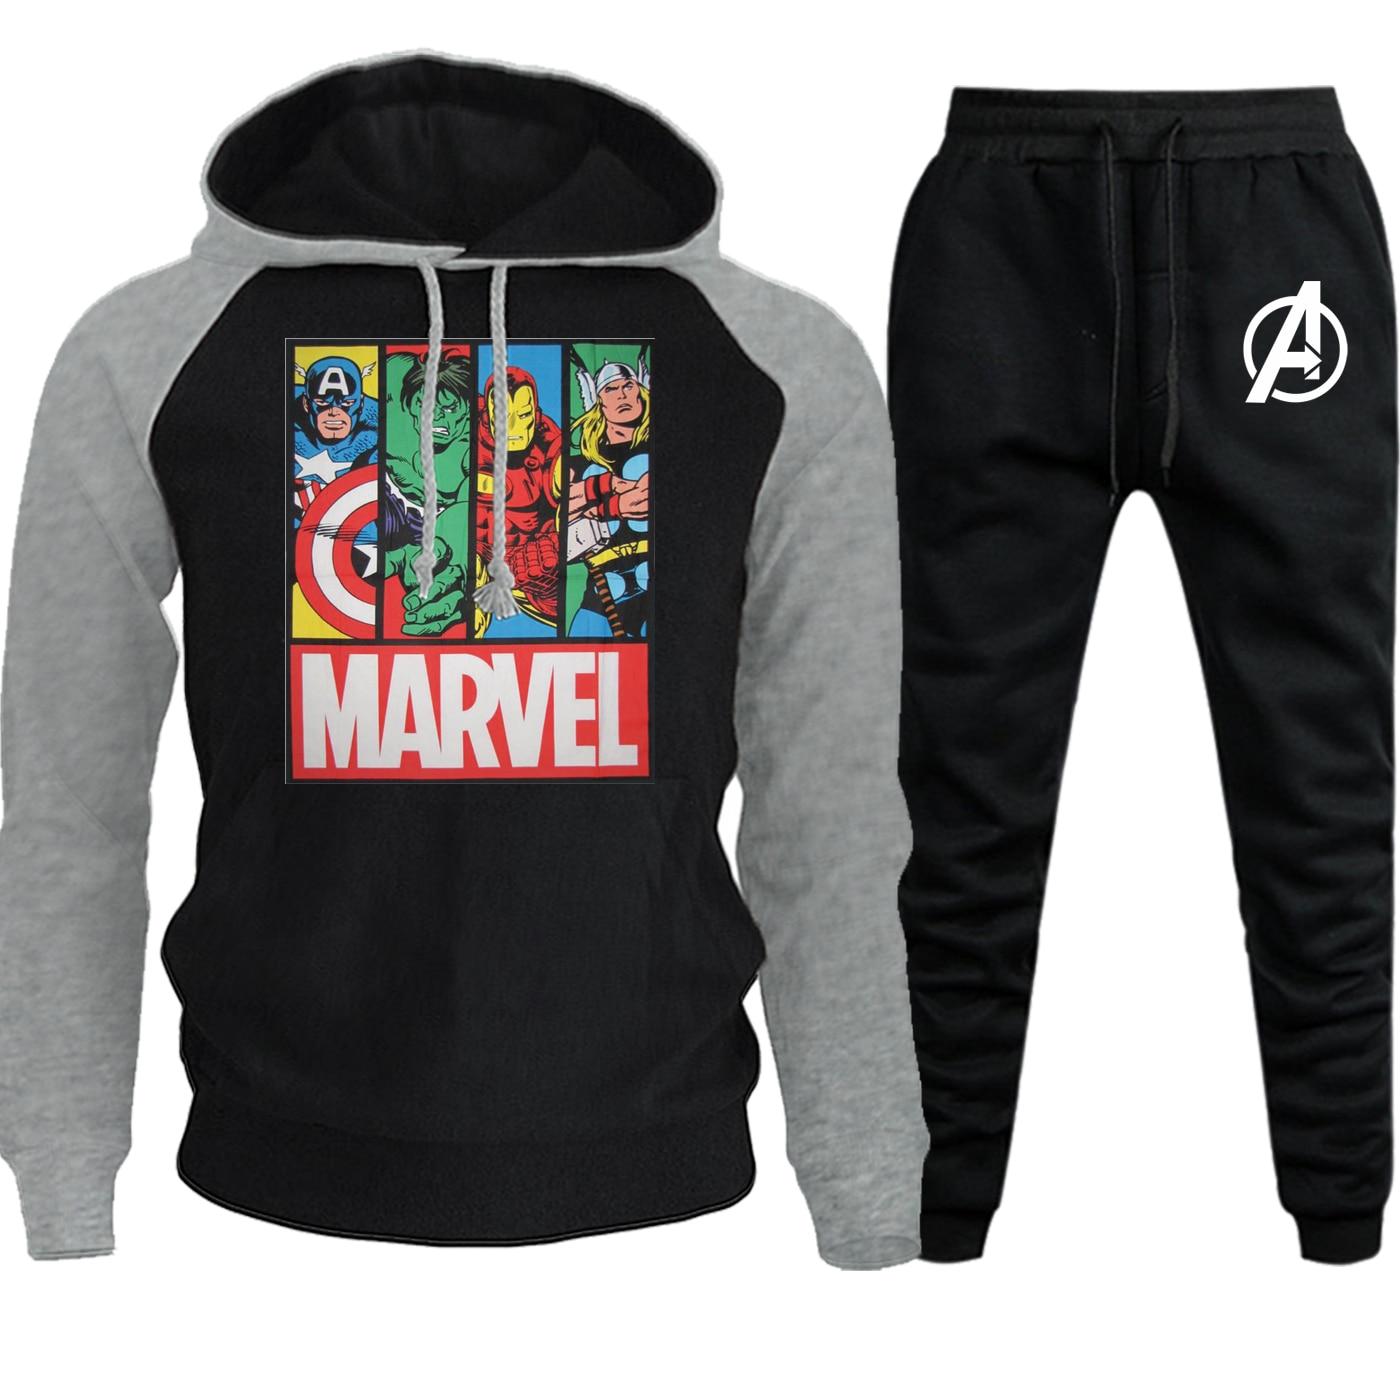 The Avengers Hoodies Fashion Raglan Men Streetwear Autumn Winter 2019 Casual Hooded Suit Male Fleece Hooded+Pants 2 Piece Set